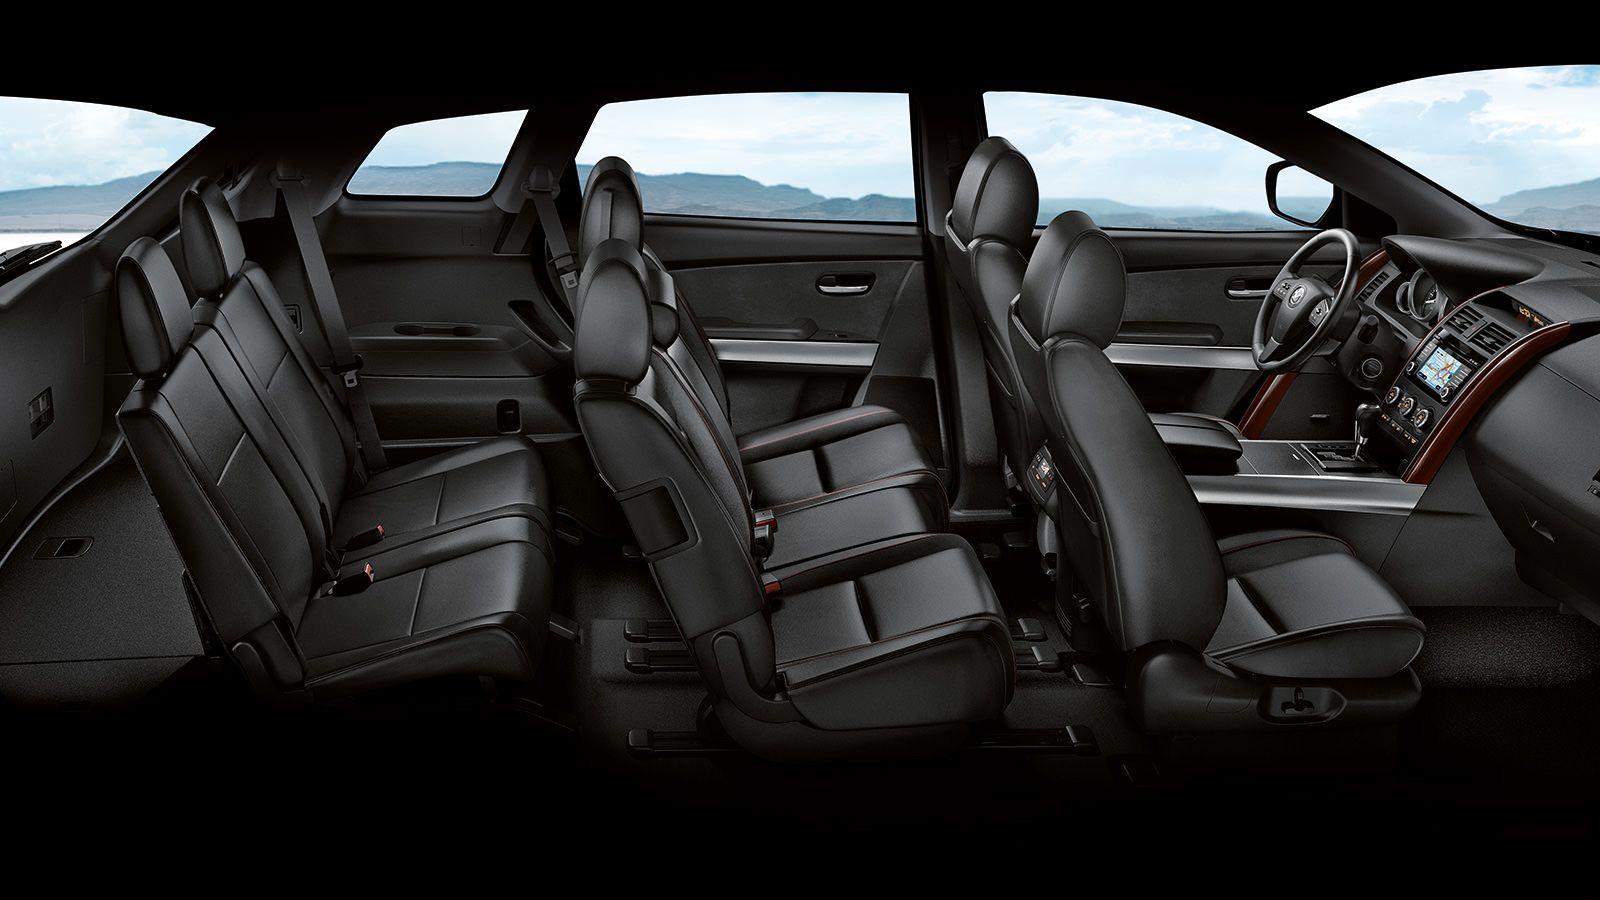 2017 Mazda Cx 9 Interior